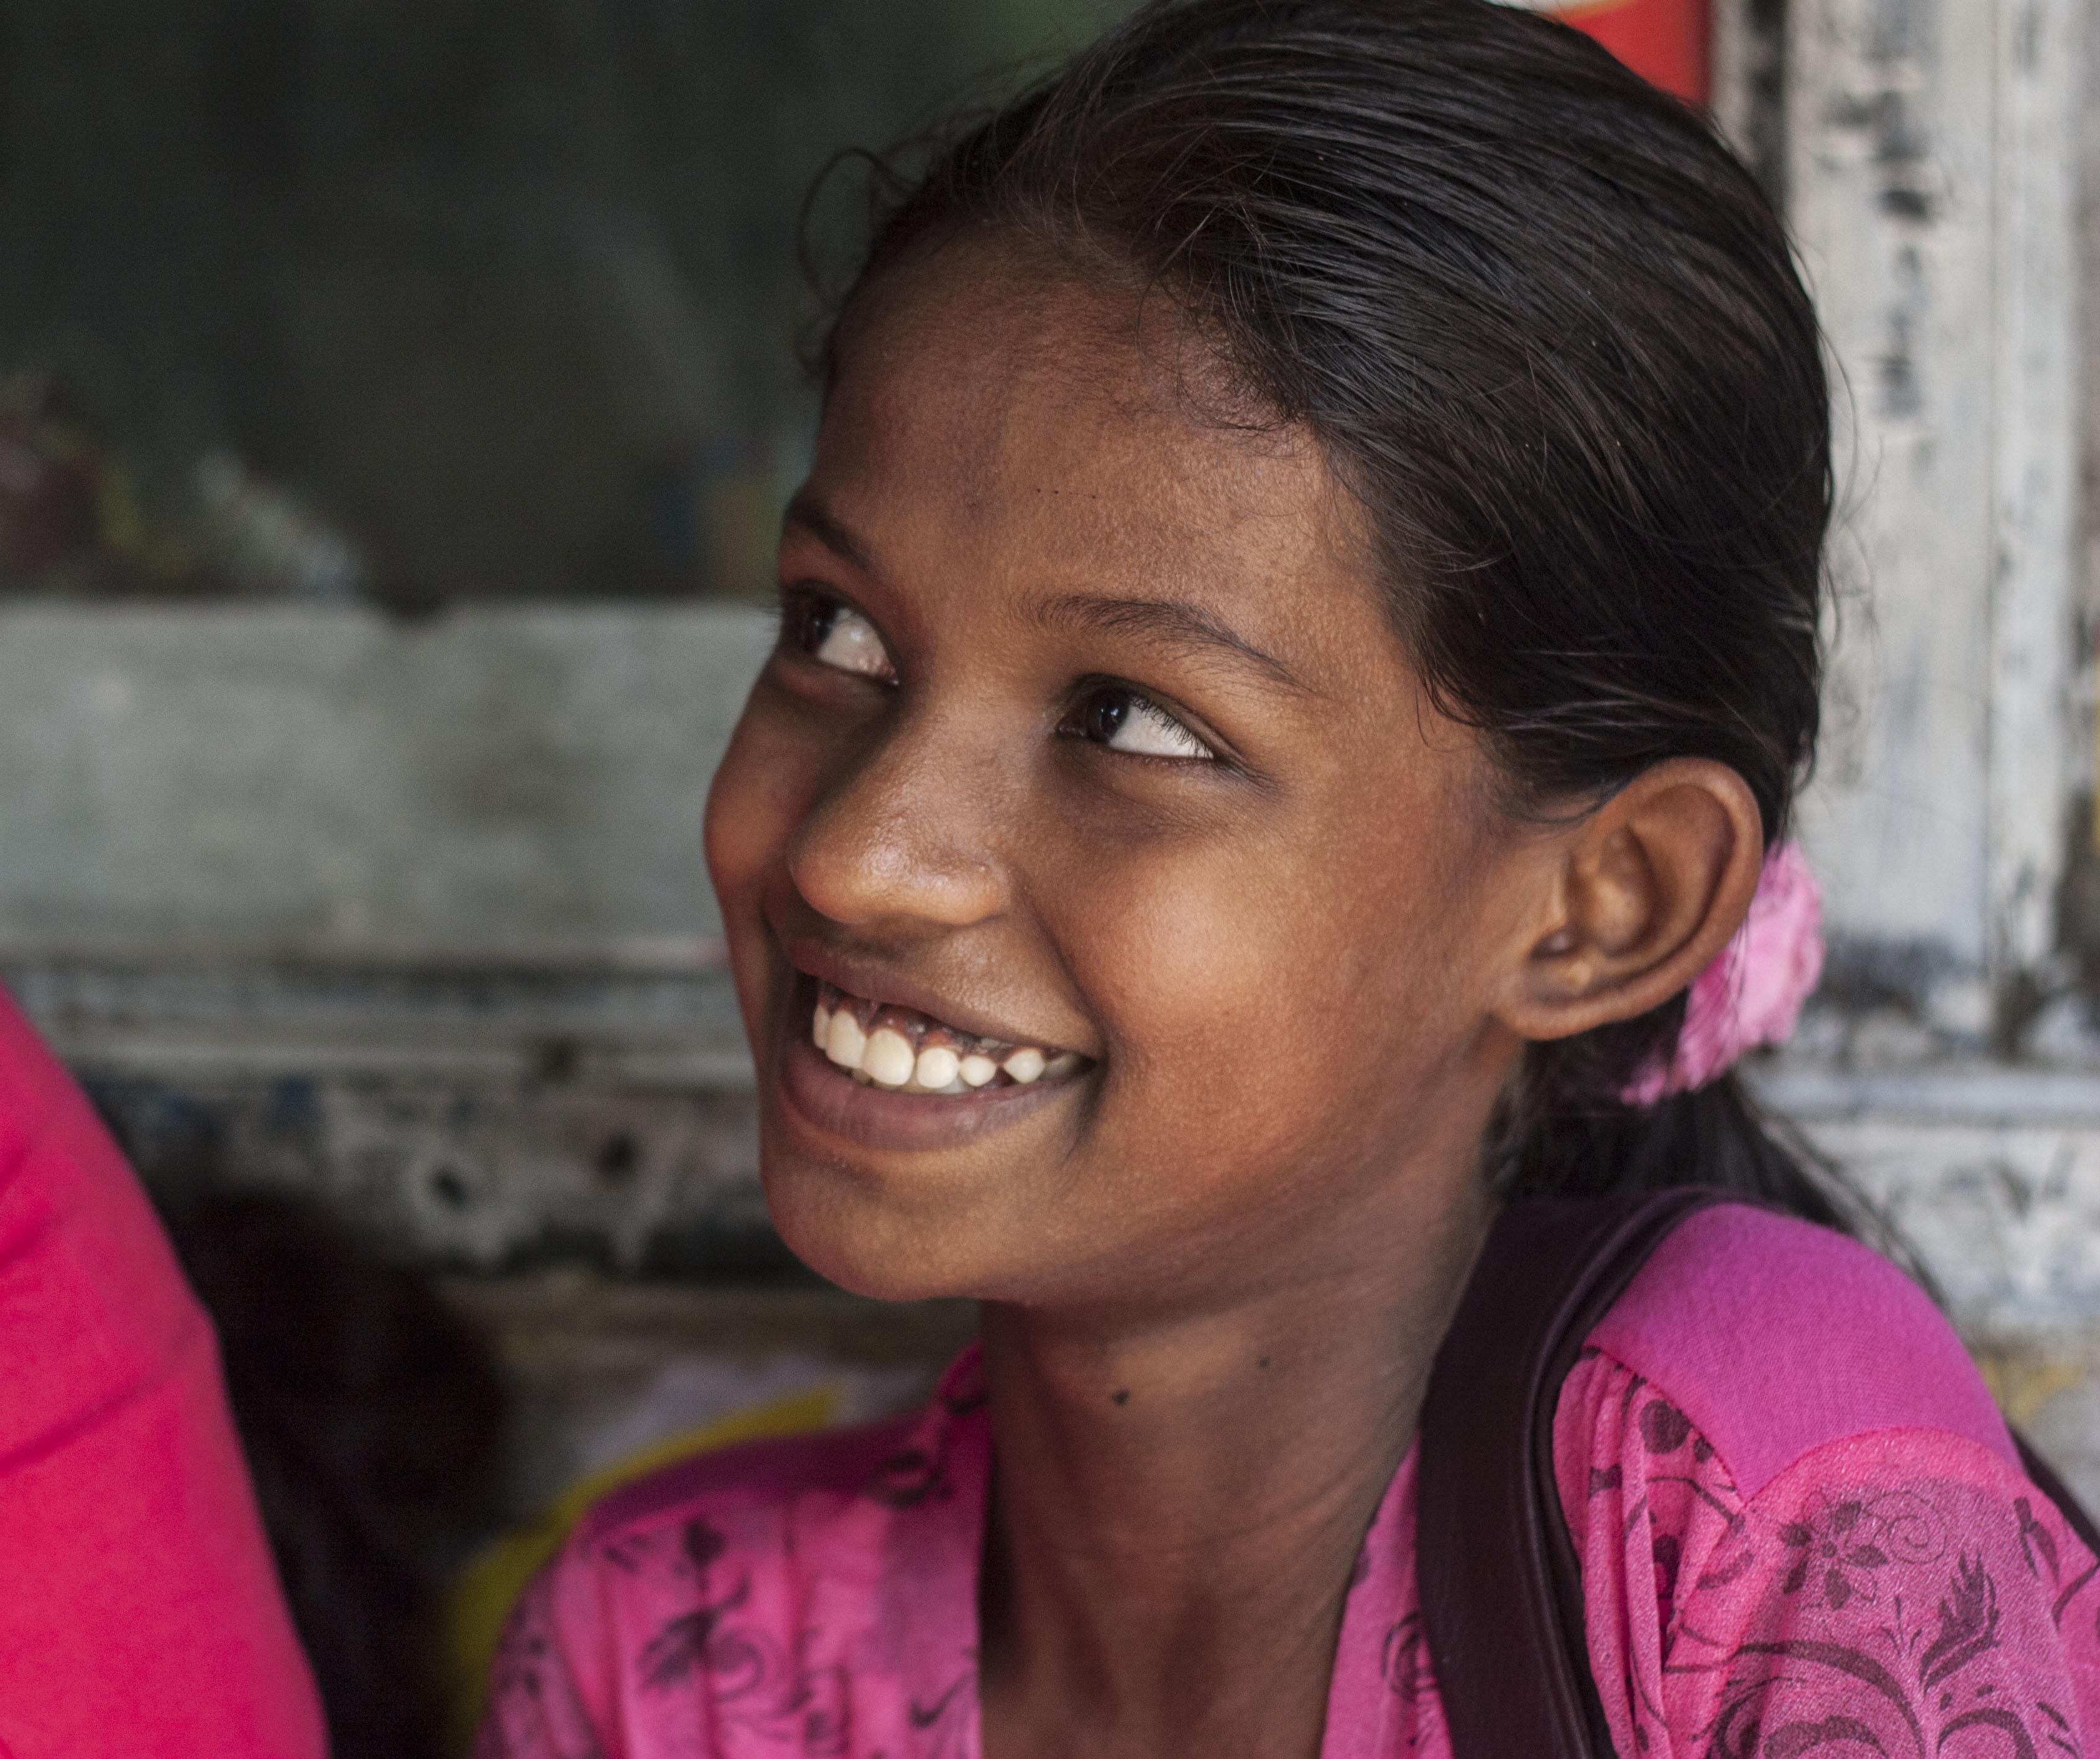 тамилы народ фото фадеев самый популярный